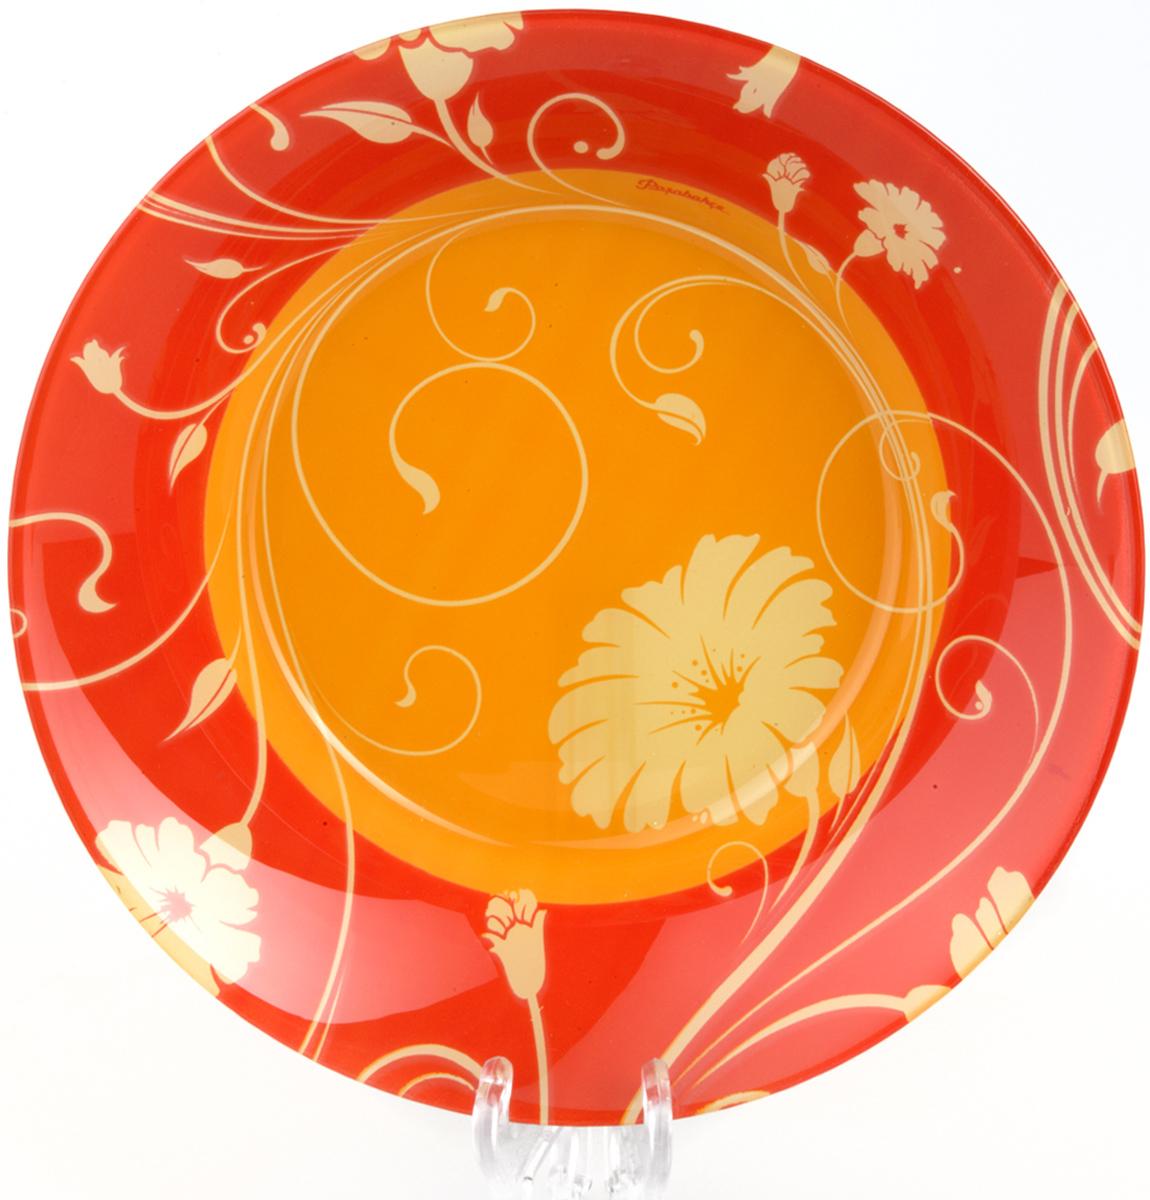 Тарелка Pasabahce Serenade, цвет: оранжевый, диаметр 22 см10335SLBD3Тарелка суповая из закаленного стекла SERENADE (оранж.) d=220 мм (на оранжевом фоне желтые цветы)